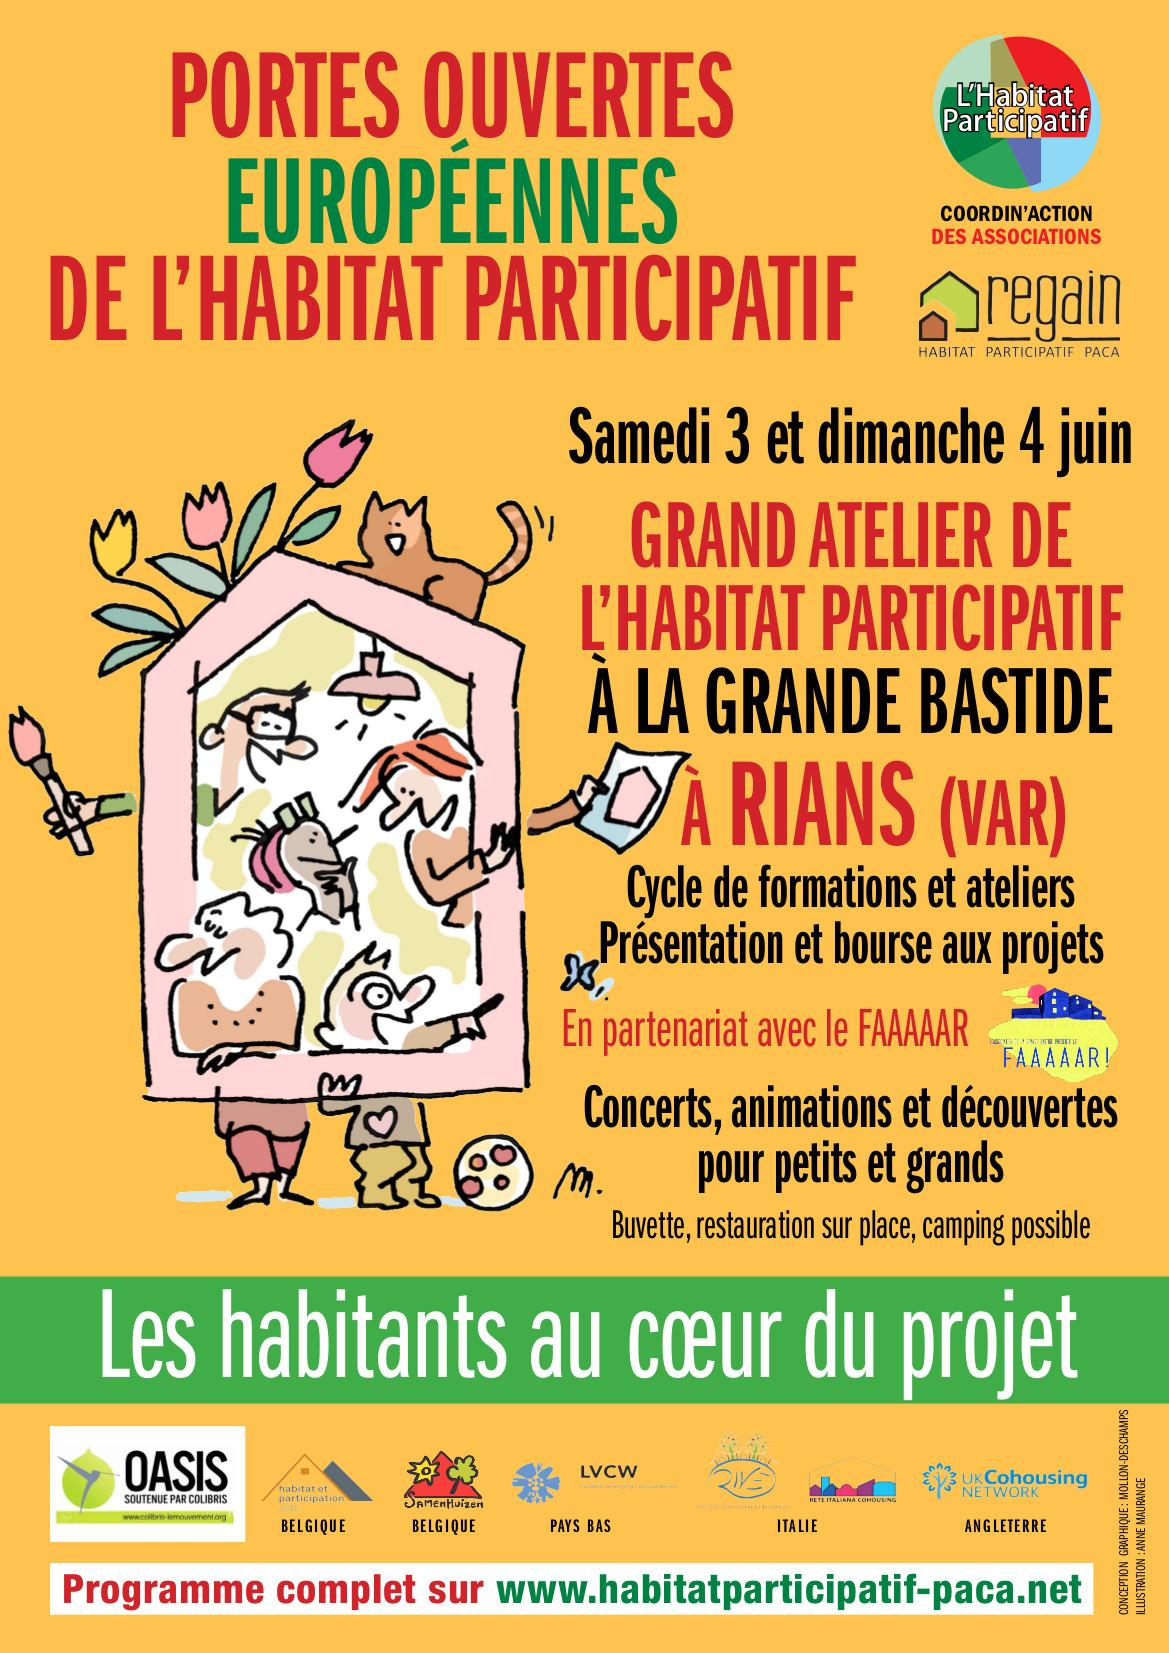 Portes ouvertes européennes de l'habitat participatif